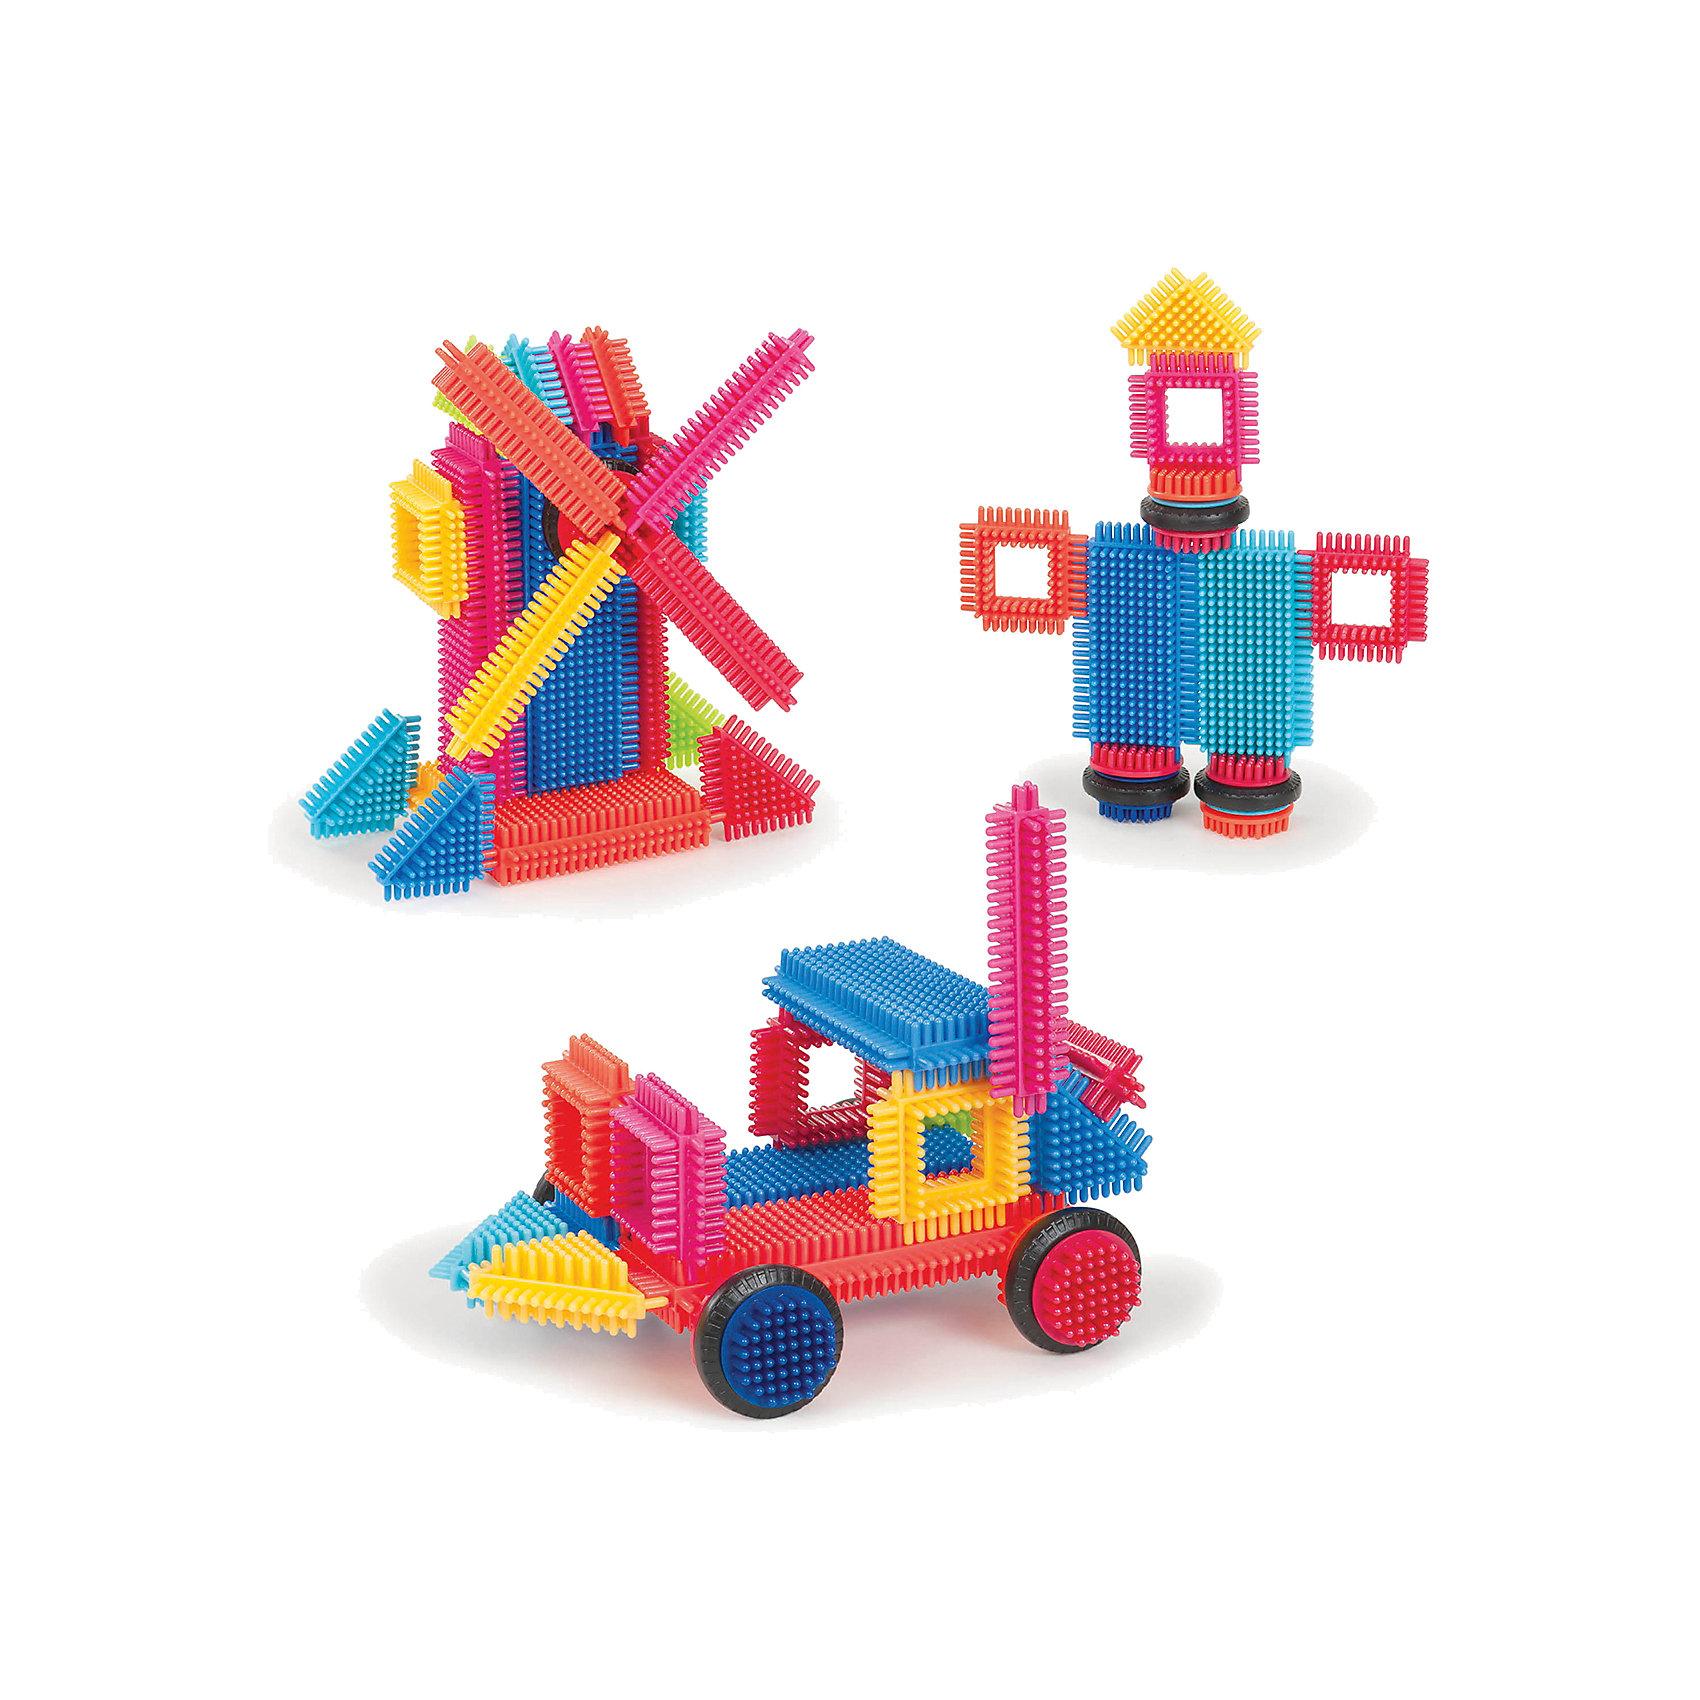 Конструктор игольчатый в коробке, 36 деталей, Bristle BlocksПластмассовые конструкторы<br>Конструктор игольчатый в коробке, 36 деталей, Bristle Blocks, Battat – оригинальный конструктор от канадского кампании Battat. Оригинальность конструктора заключается в его форме: все элементы имеют игольчатую поверхность. Так называемые, иголки абсолютно безопасны, они имеют закругленную форму. Кроме того, иголки являются способом закрепления деталей конструктора между собой. Набор выполнен из экологически безопасного пластика, окрашенного в яркие цвета, предназначен для детей от 2-х лет. Все элементы конструктора устойчивы к механическим повреждениям и изменению цвета.<br>Конструктор игольчатый в коробке, 36 деталей, Bristle Blocks, Battat состоит 36 разноцветных элементов, которые позволяют конструировать различные предметы, строения и фигуры. В комплекте имеются квадратные, треугольные, прямоугольные и круглые элементы. В комплекте имеется инструкция по сборке конструктора. Конструктор упакован в картонную коробку. <br>Конструктор игольчатый в коробке, 36 деталей, Bristle Blocks, Battat способствует развитию координации движений, пространственному и логическому мышлению. Благодаря особенной форме конструктора, в процессе игры массируются подушечки пальчиков, что способствует развитию их чувствительности.<br><br>Дополнительная информация:<br><br>- Вид игр: конструирование<br>- Предназначение: для дома, для детского сада<br>- Материал: пластик в сочетании с латексом<br>- Комплектация: 36 элементов, буклет-инструкция<br>- Размеры (Д*Ш*В): 19,5*6,5*26 см<br>- Вес всего набора: 610 г<br>- Пол: для мальчиков/для девочек<br>- Особенности ухода: можно мыть в теплой мыльной воде<br><br>Подробнее:<br><br>• Для детей в возрасте: от 2 лет <br>• Страна производитель: Китай<br>• Торговый бренд: B DOT<br><br>Конструктор игольчатый в коробке, 36 деталей, Bristle Blocks, Battat  можно купить в нашем интернет-магазине.<br><br>Ширина мм: 26<br>Глубина мм: 19<br>Высота мм: 7<br>Вес г: 600<br>В